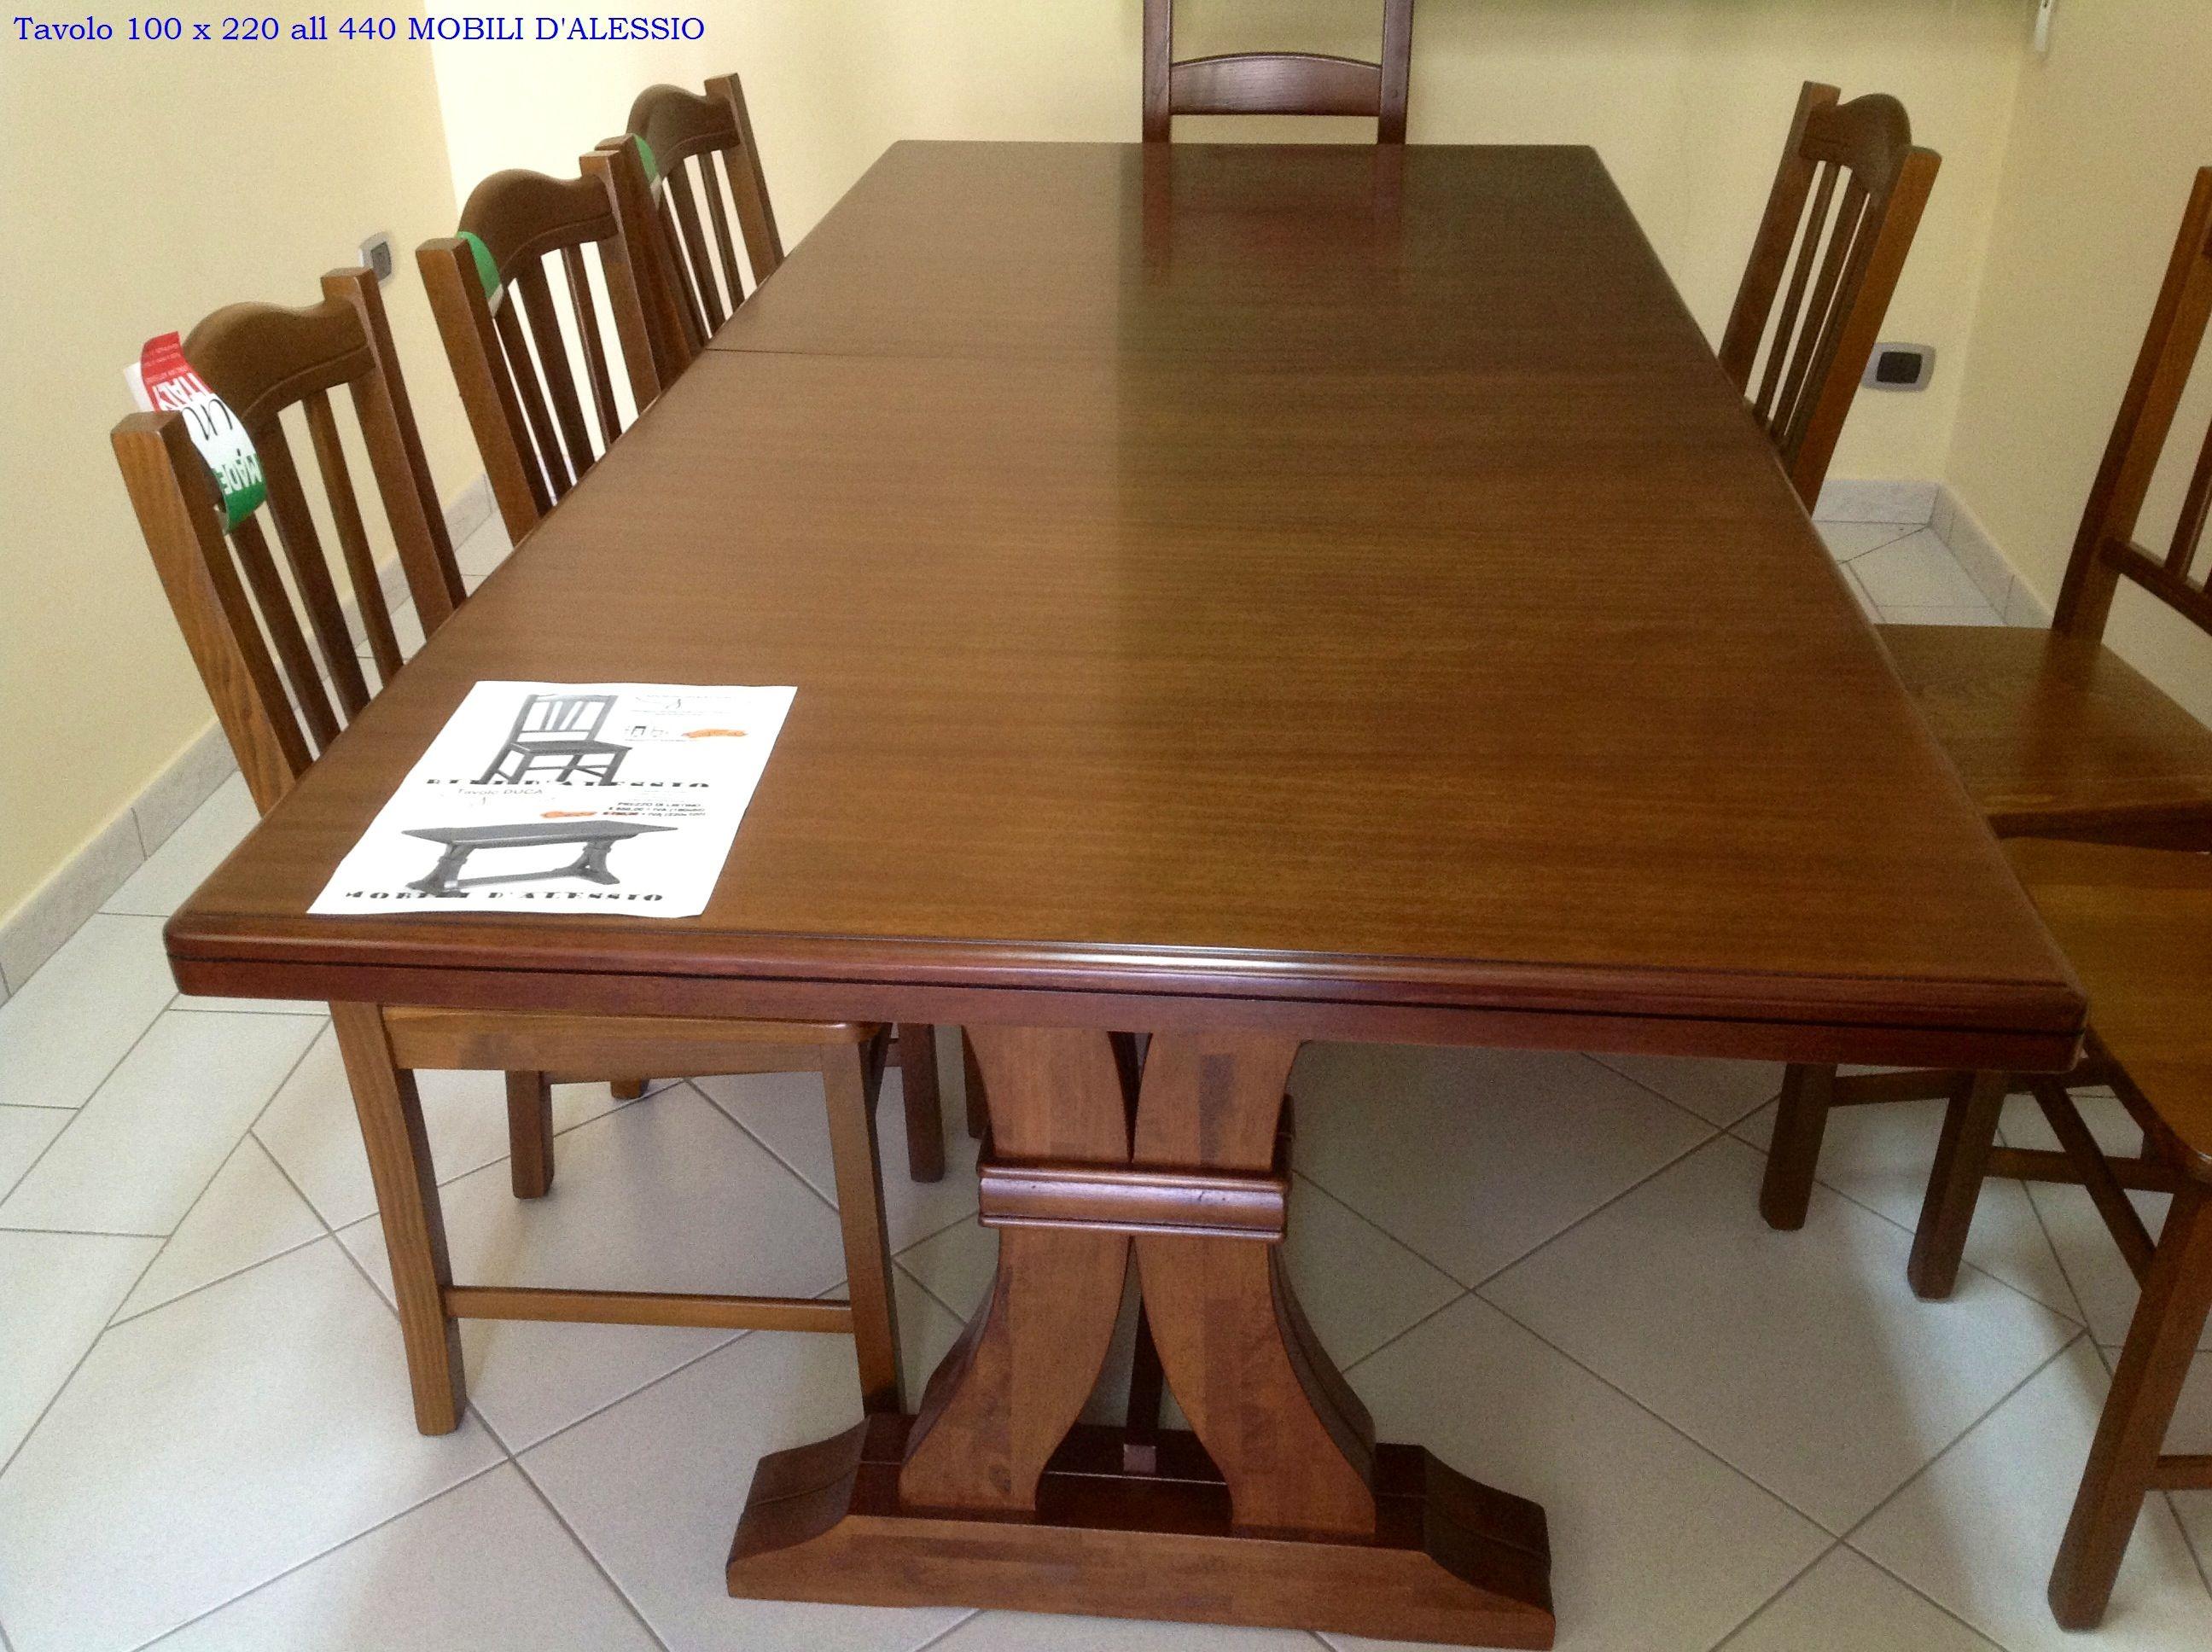 Tavolo allungabile in legno massello con 8 sedie tavoli a prezzi scontati - Tavolo legno massello ...